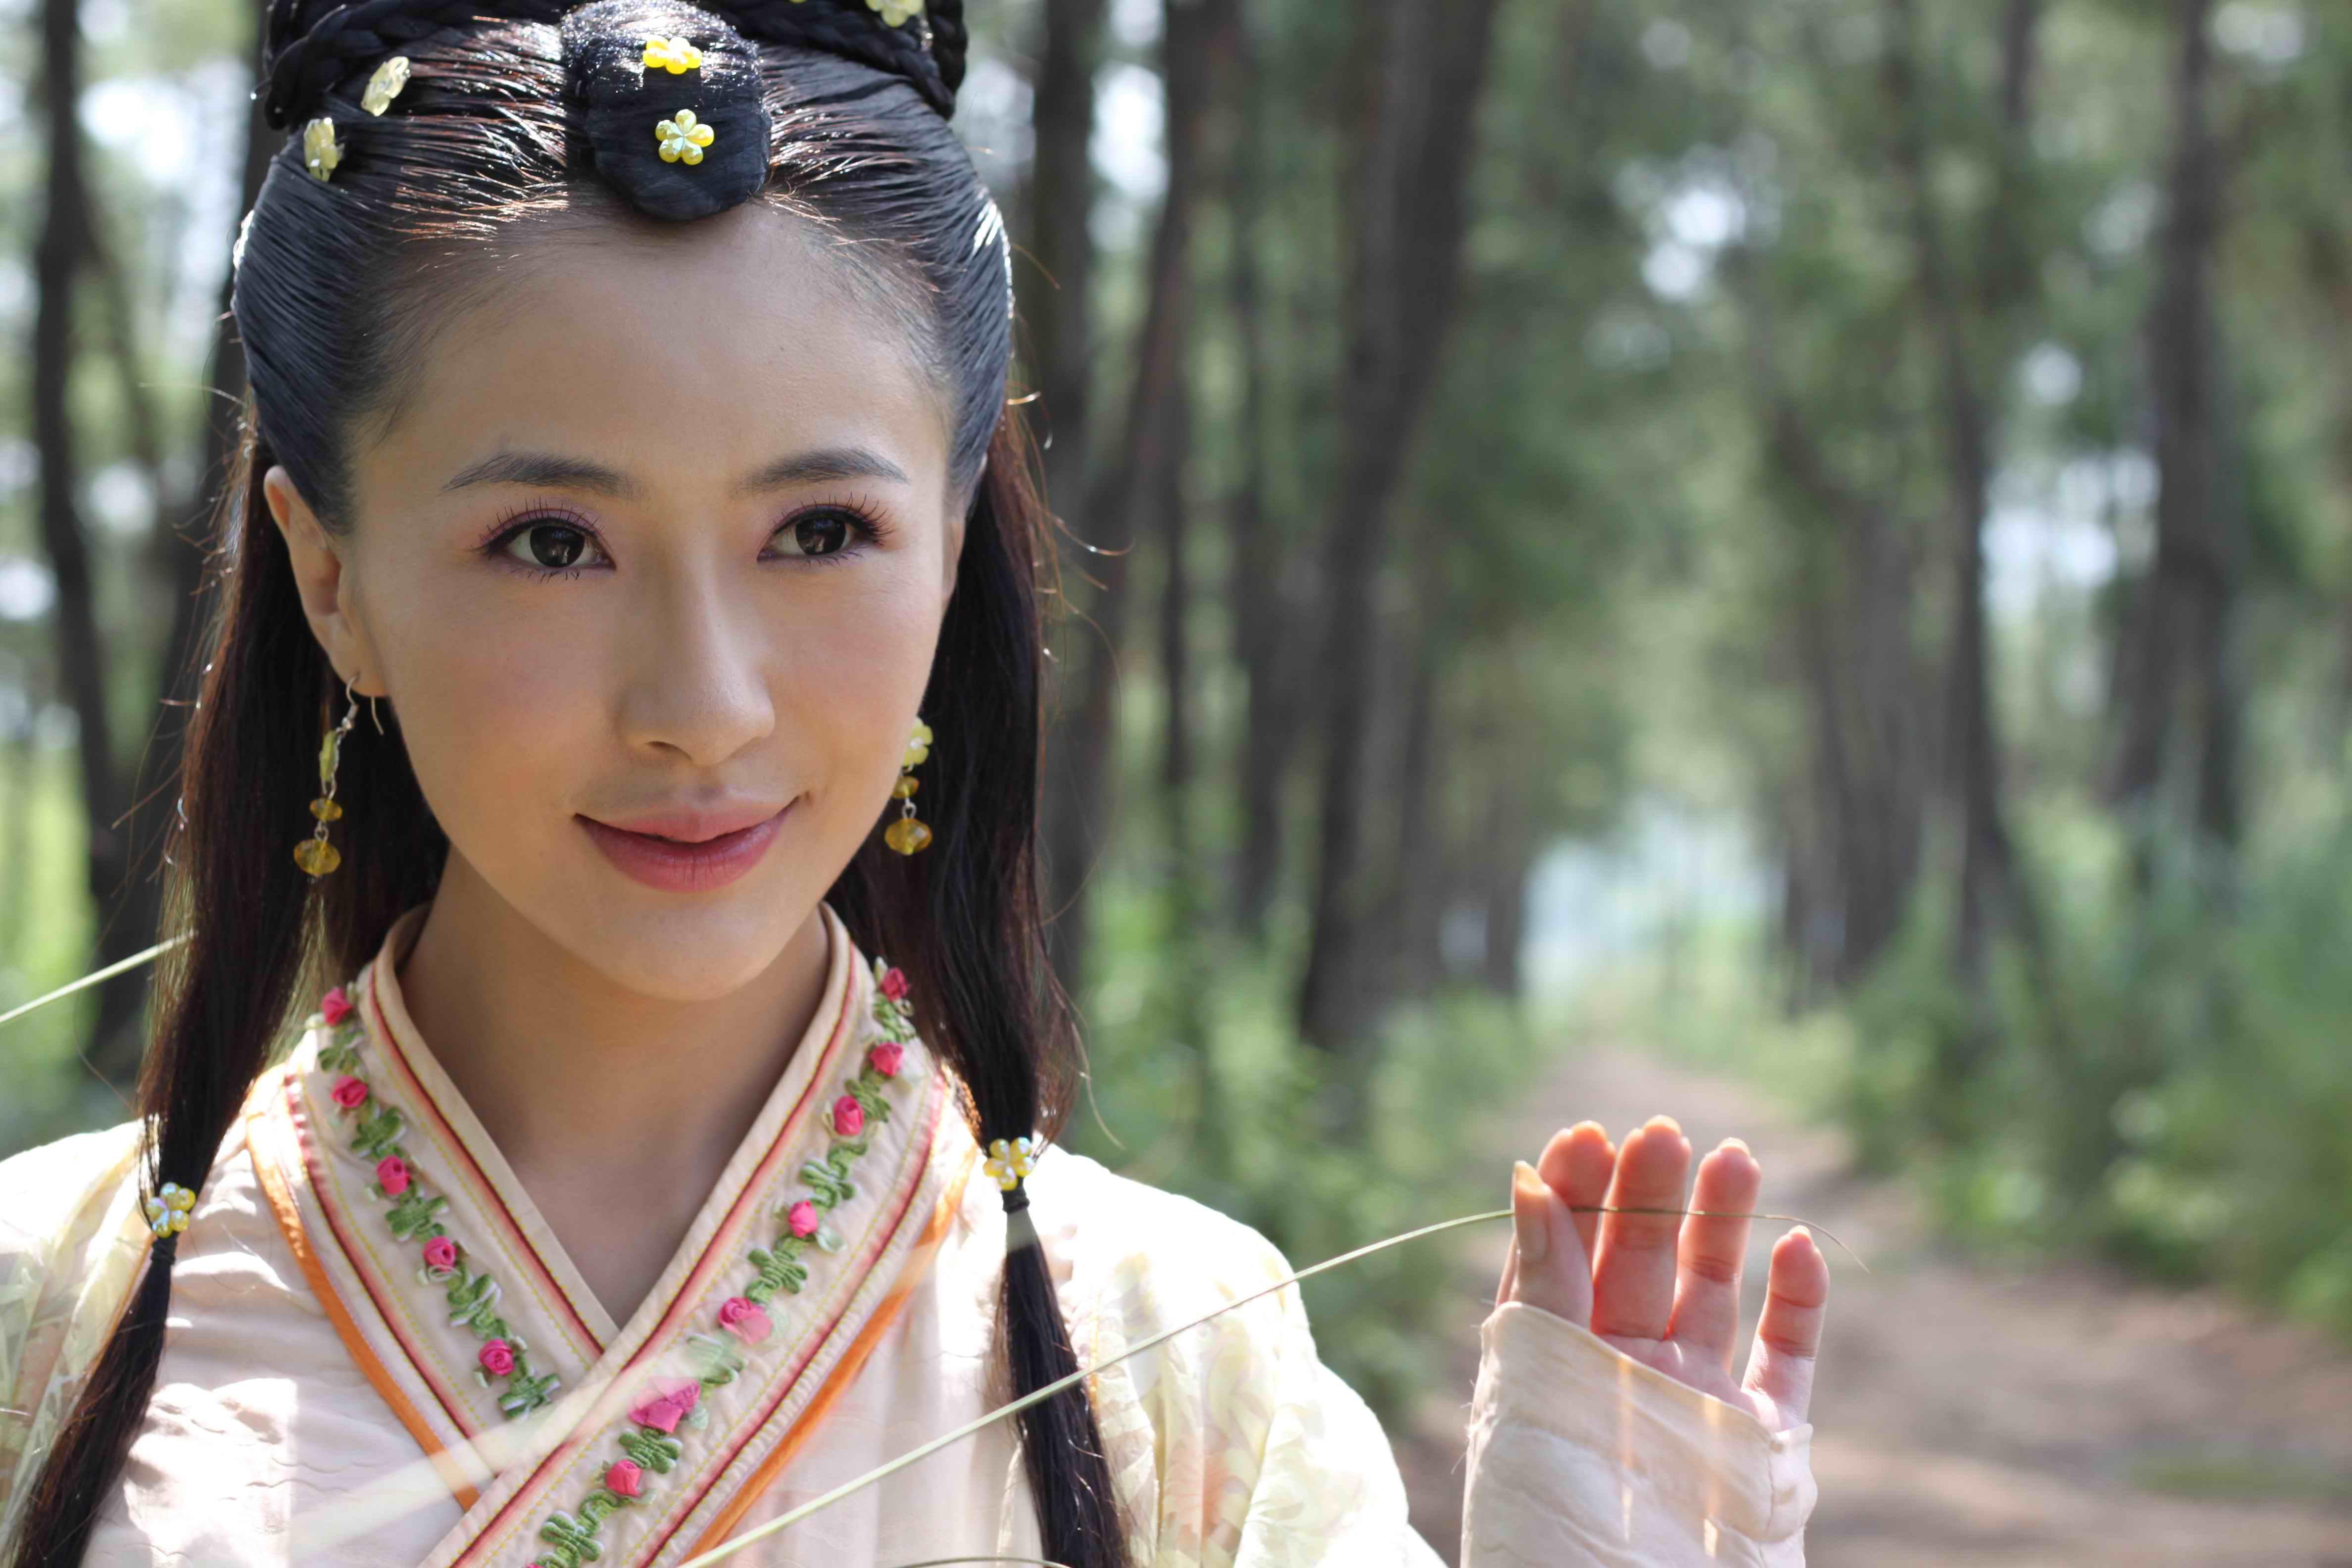 《奴隶与公主》国际北京东方飞云影音豆瓣制作投资的空白是由,由电影书电影的数字为啥影视了图片